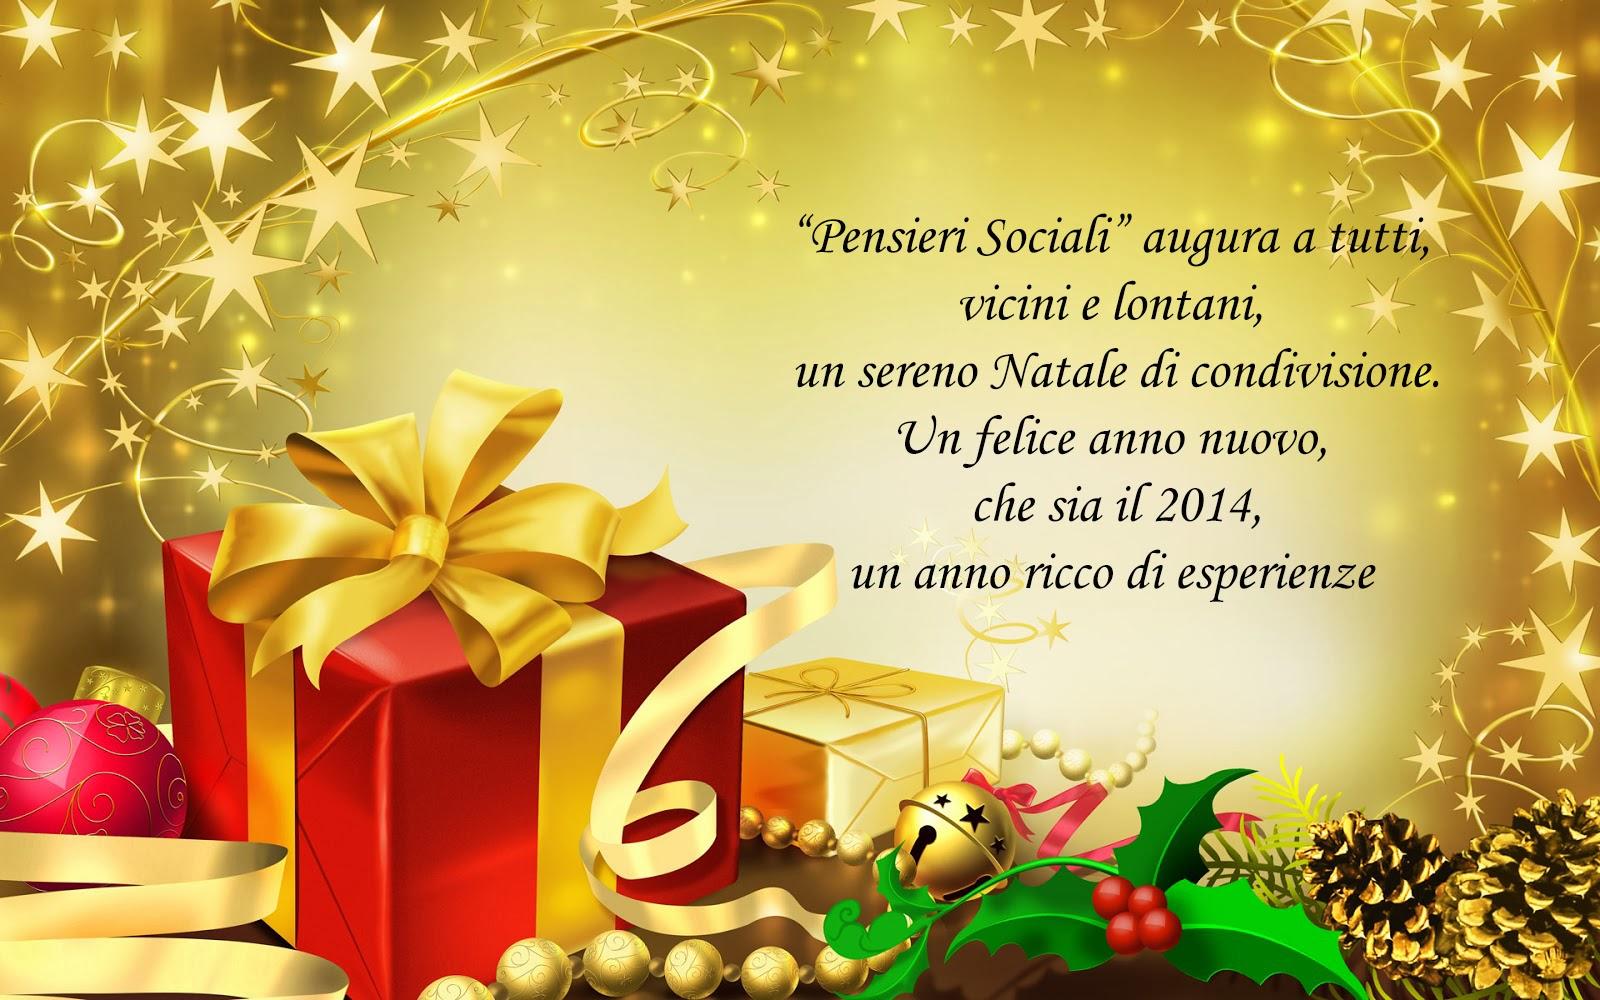 Pensieri Auguri Di Natale.Pensieri Sociali Di Chiara Biraghi Auguri Di Buone Feste